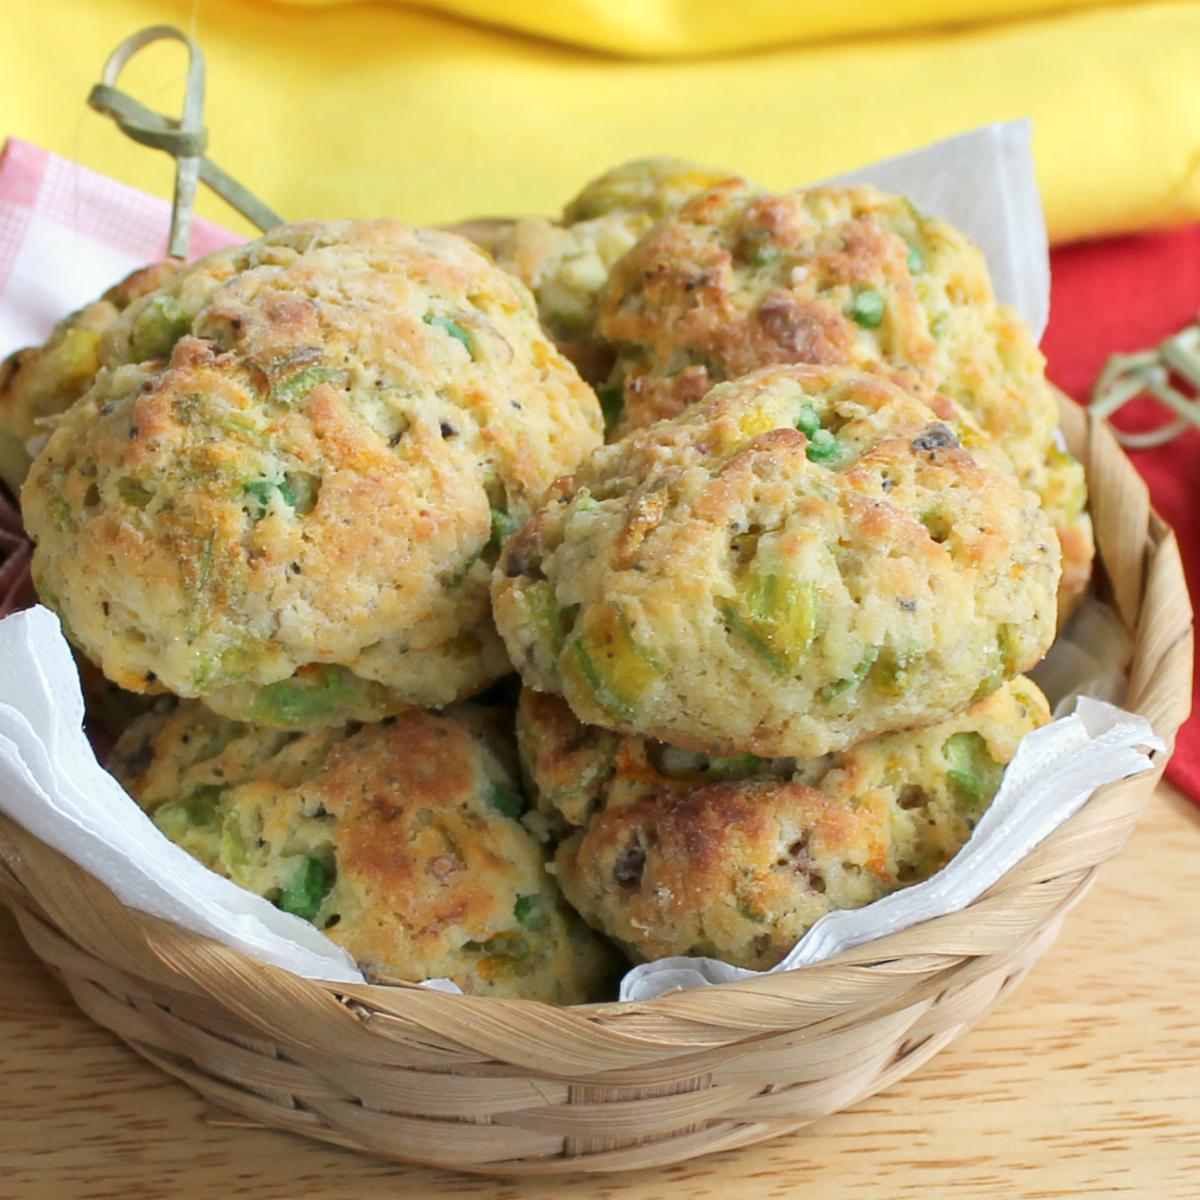 Crocchette di fiori di zucca e acciughe in padella o al forno for Cucinare zucchine al forno